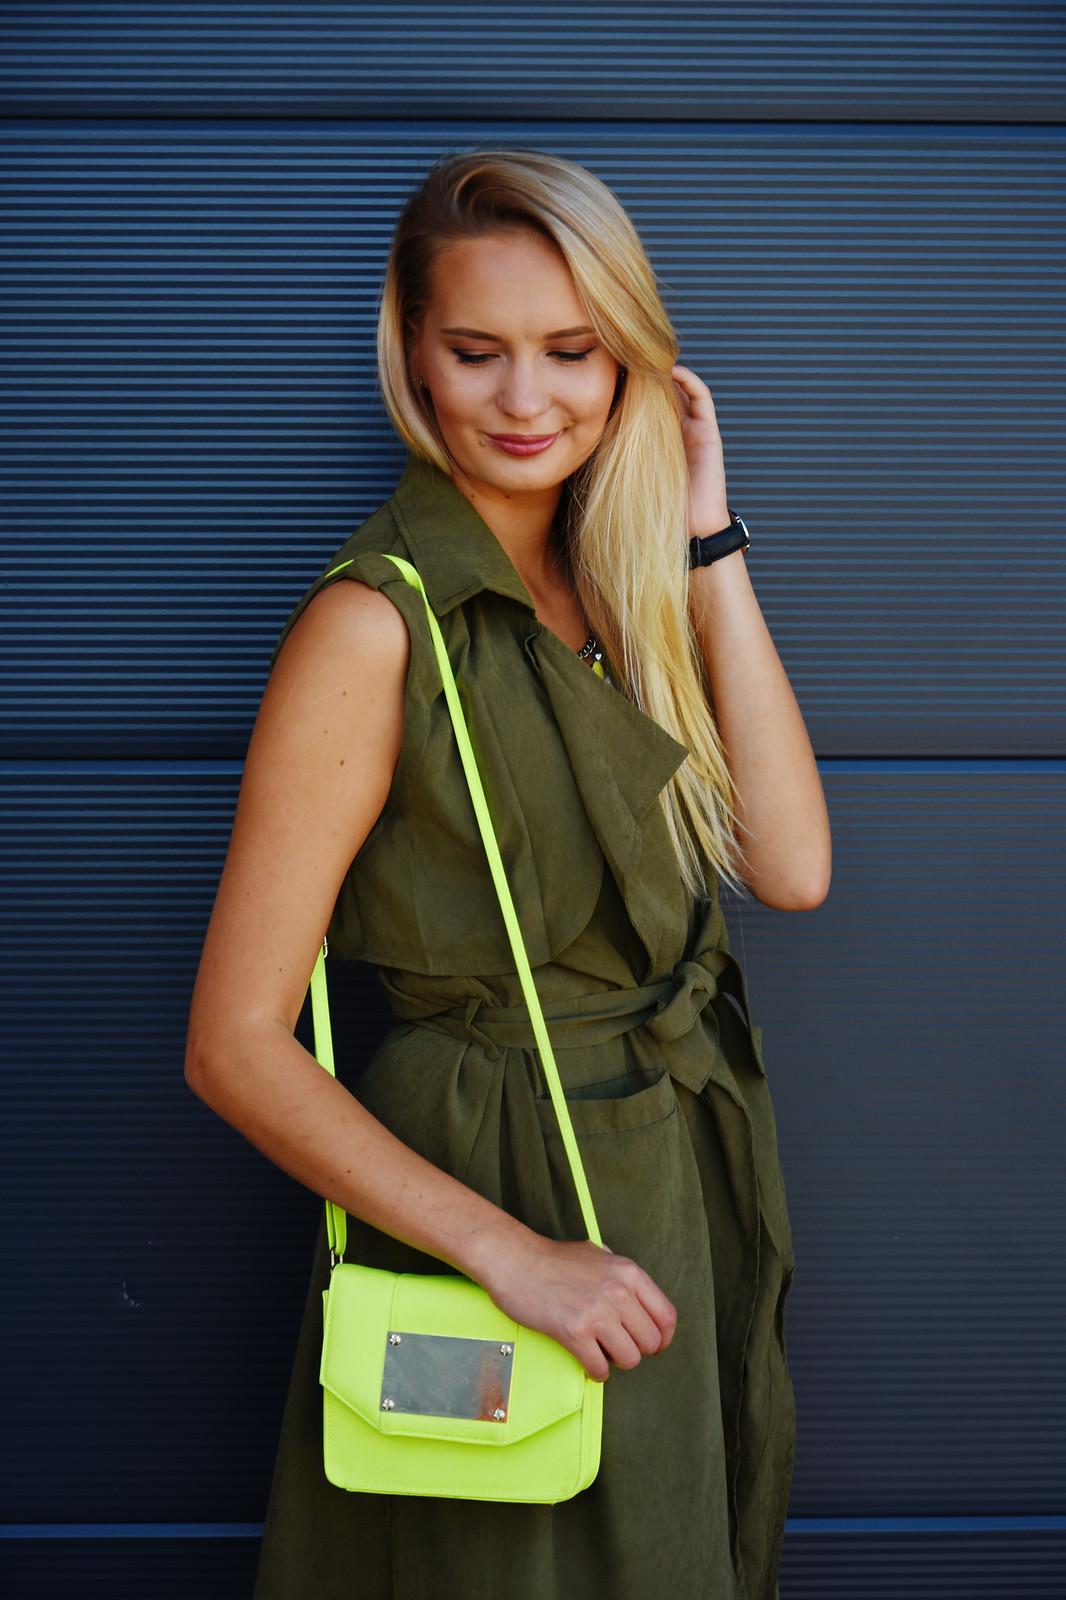 Fashion blogger from Latvia